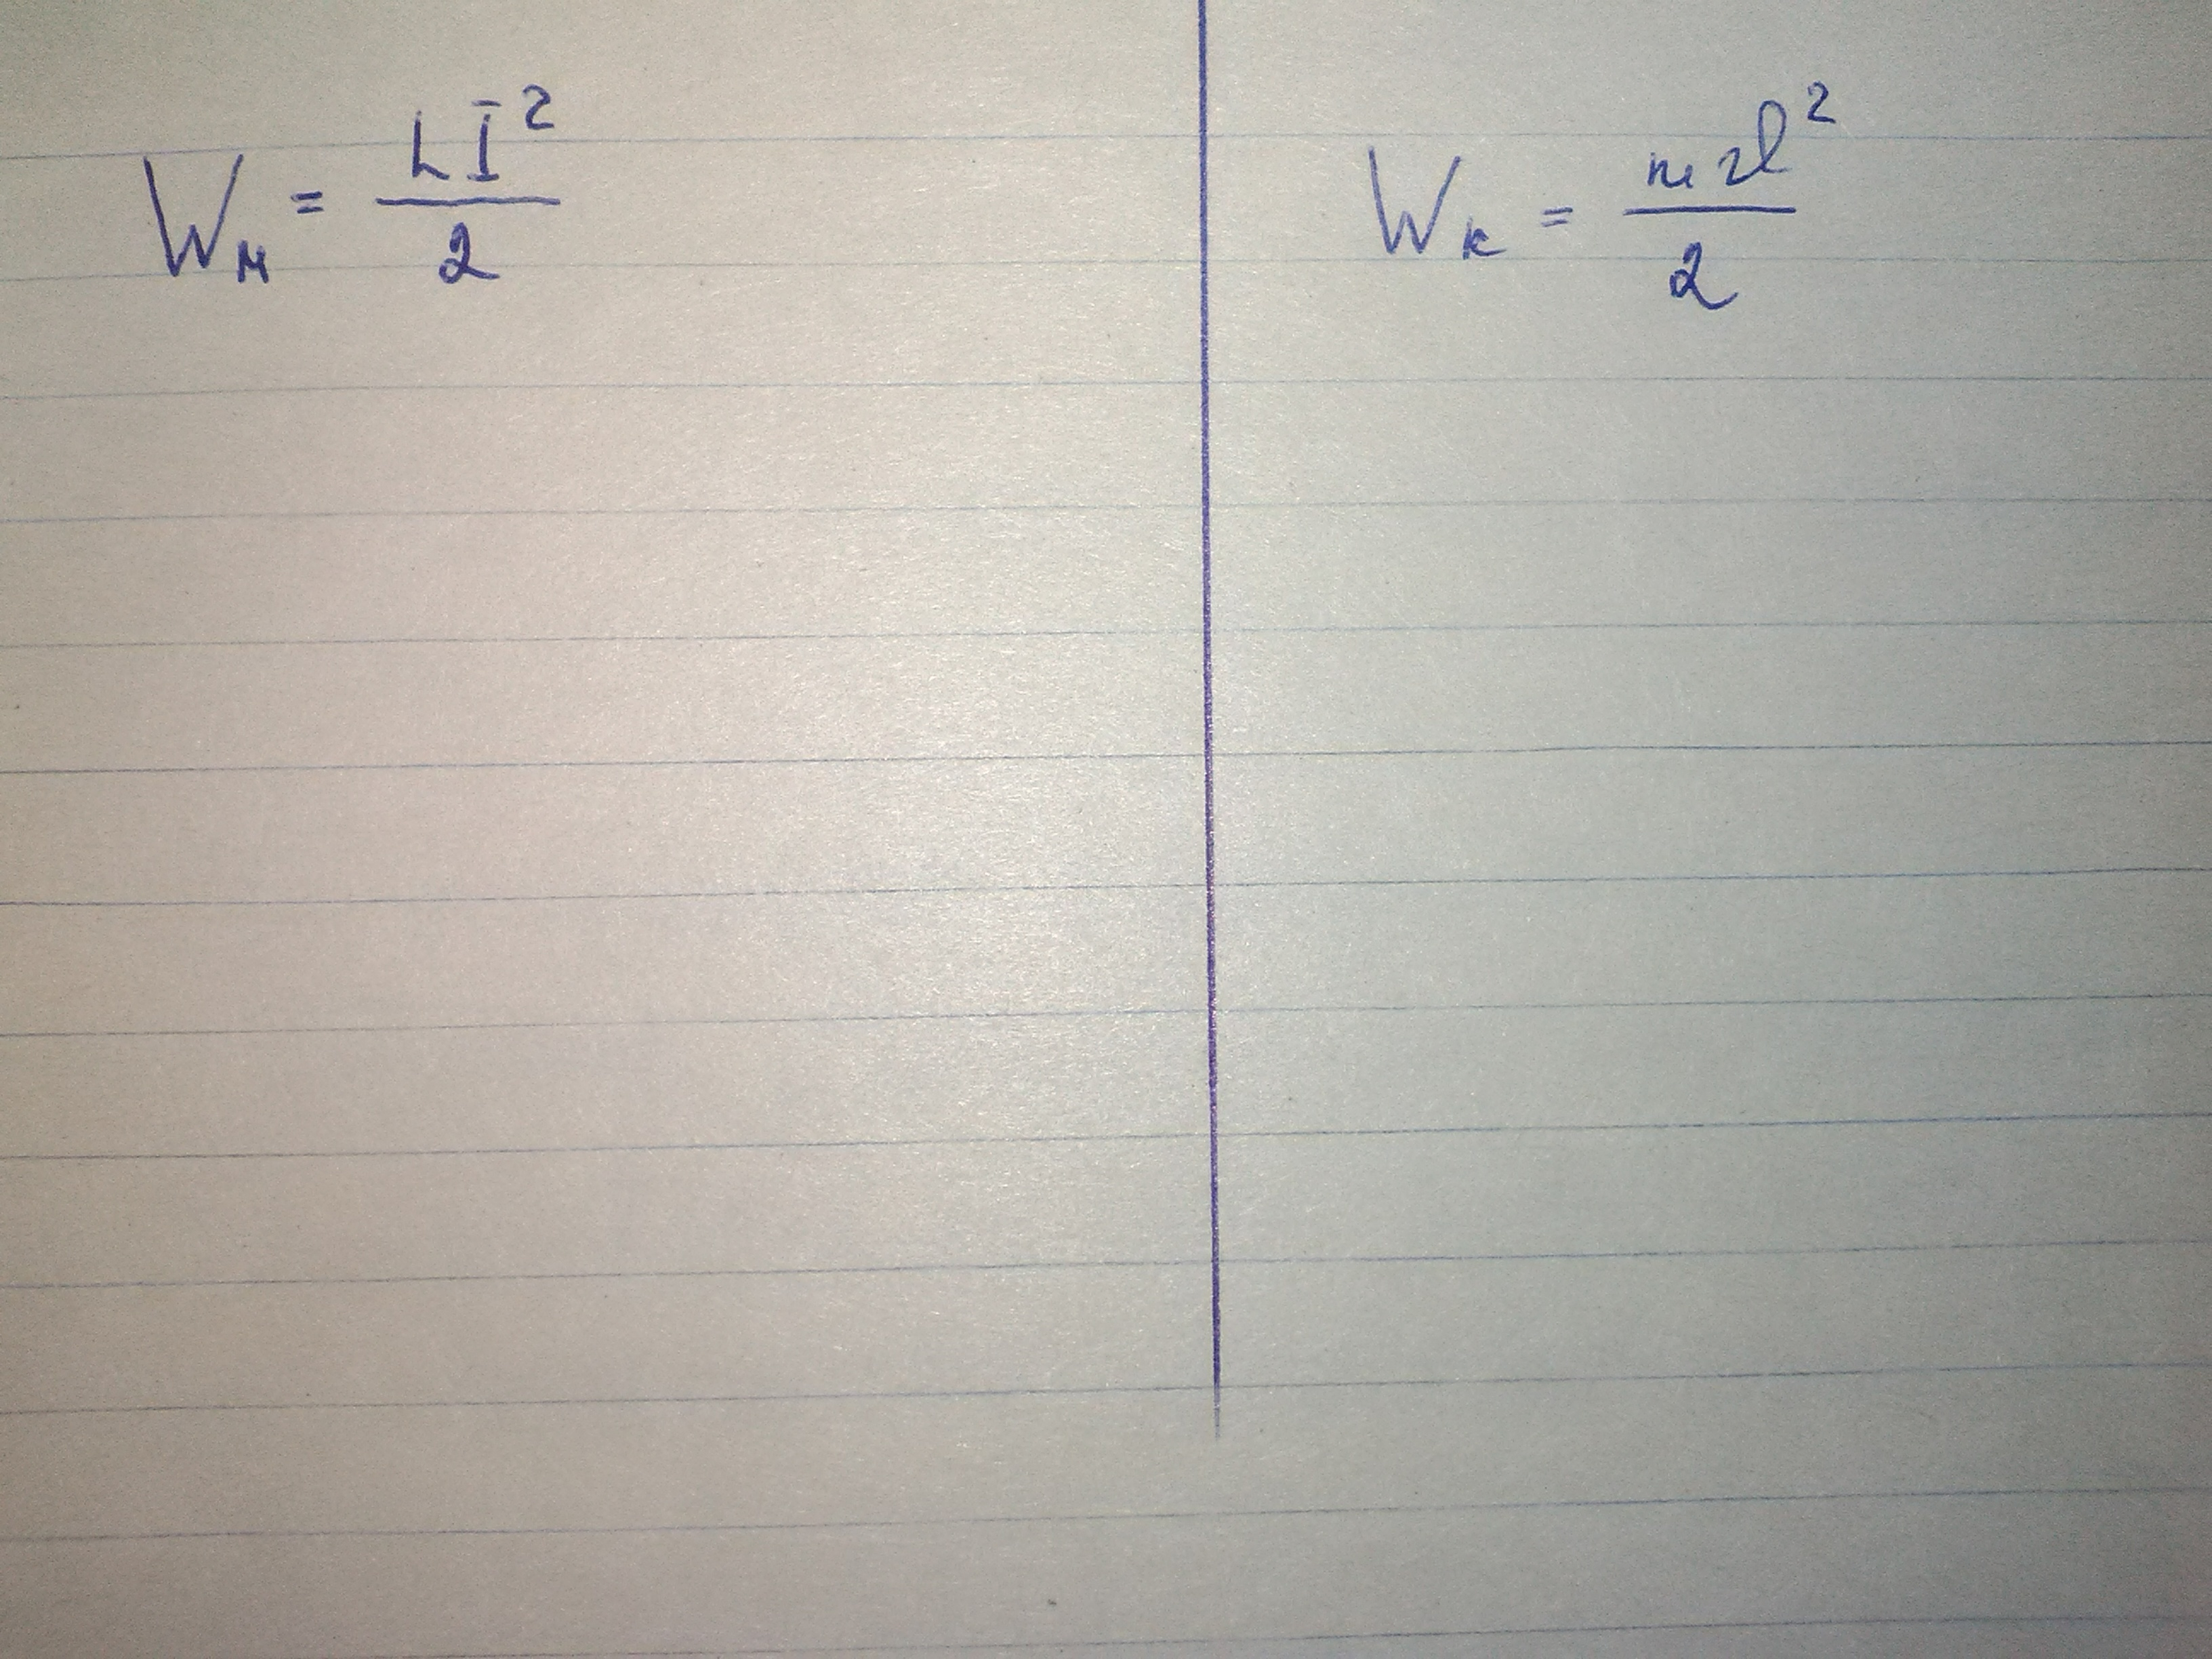 Физика. Сравните две формулы из таблицы,напишите их сходства и различия